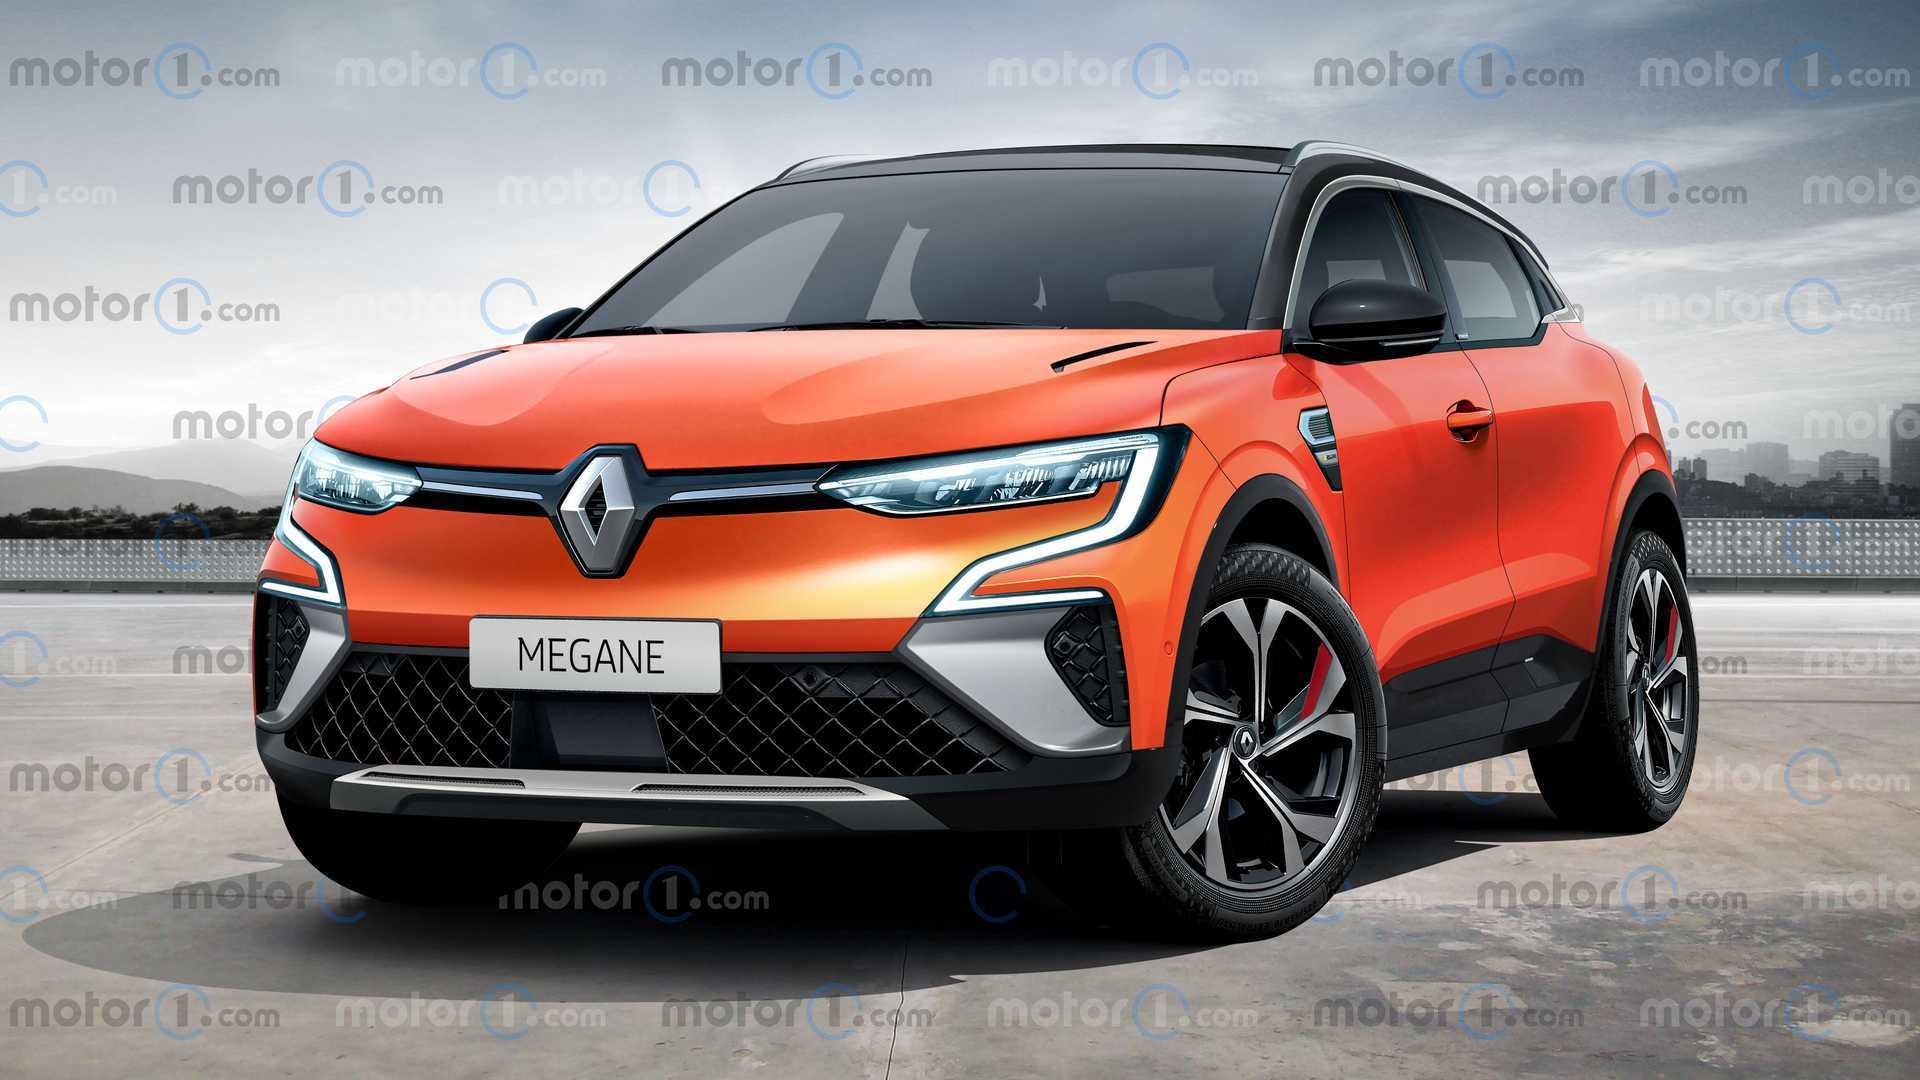 基于Megane eVision电动概念车的新雷诺Megane渲染曝光将于2021年发布